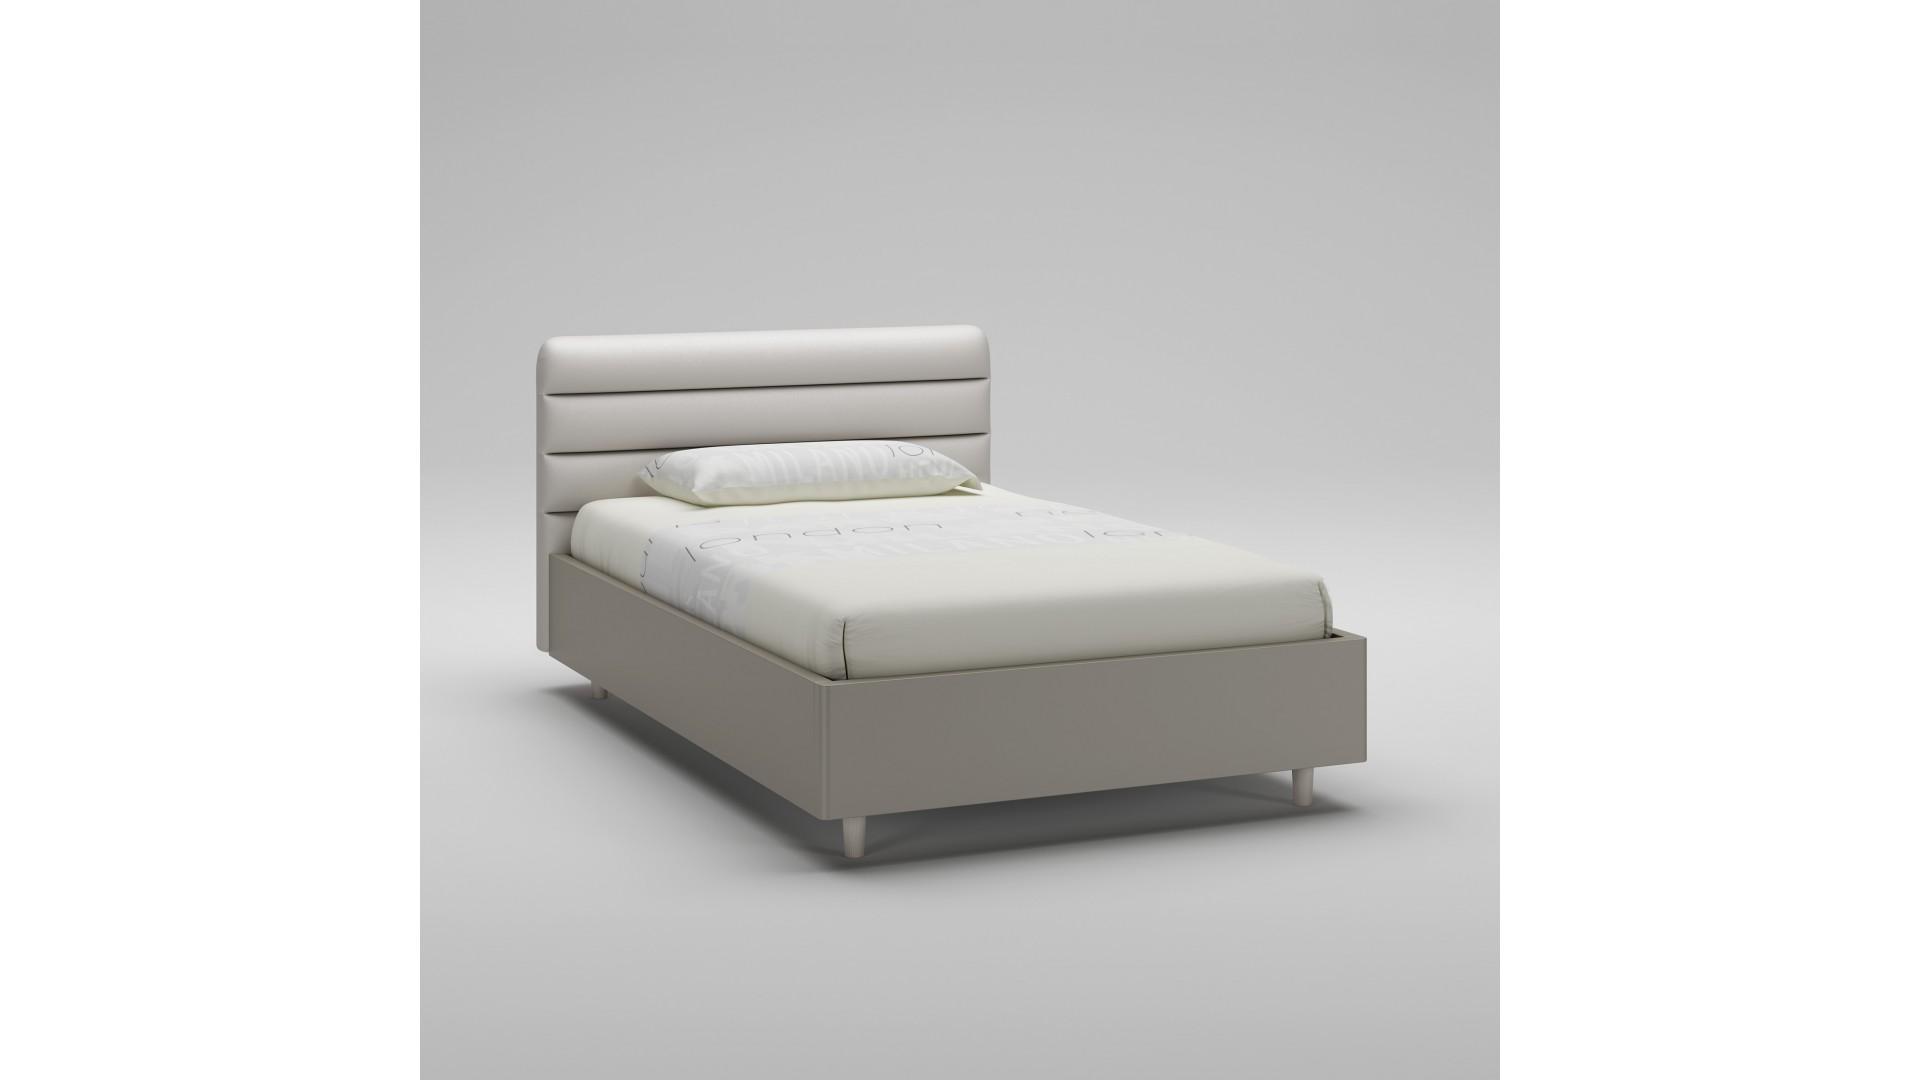 Lit coffre PERSONNALISABLE WL094 couleur tourterelle avec tête de lit rembourrée corde - MORETTI COMPACT